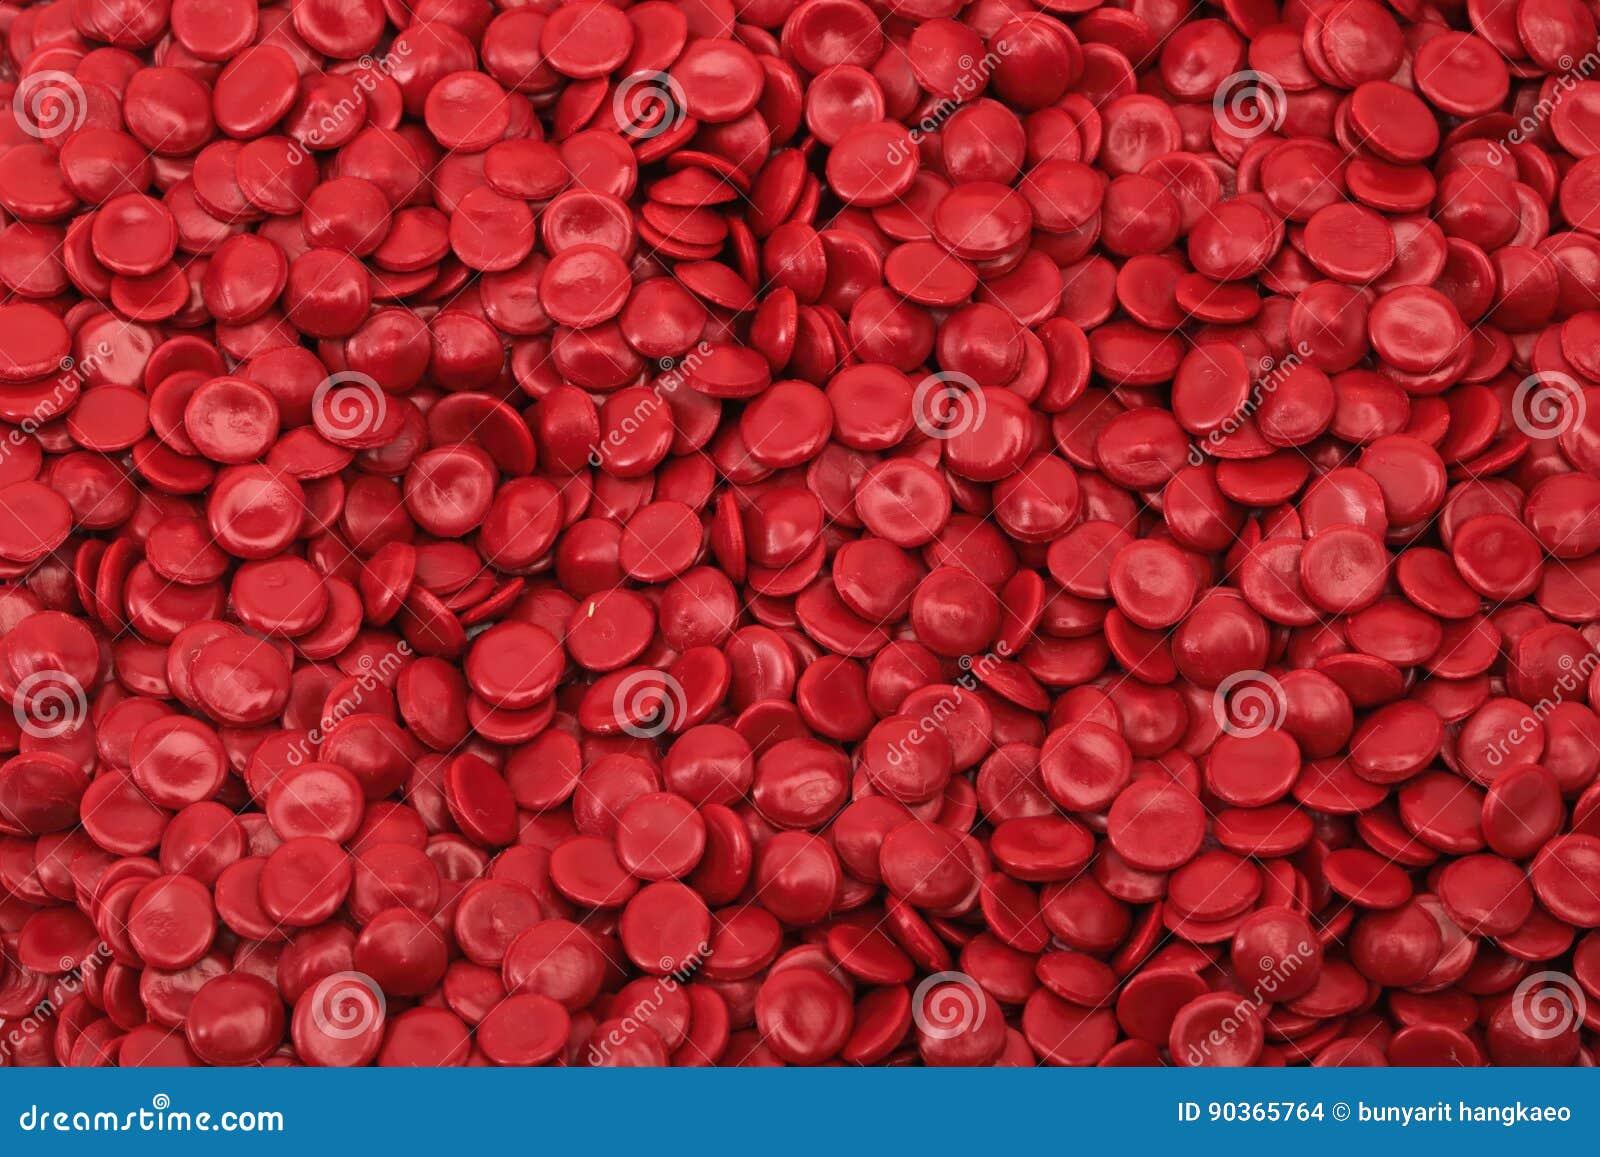 红色聚合物